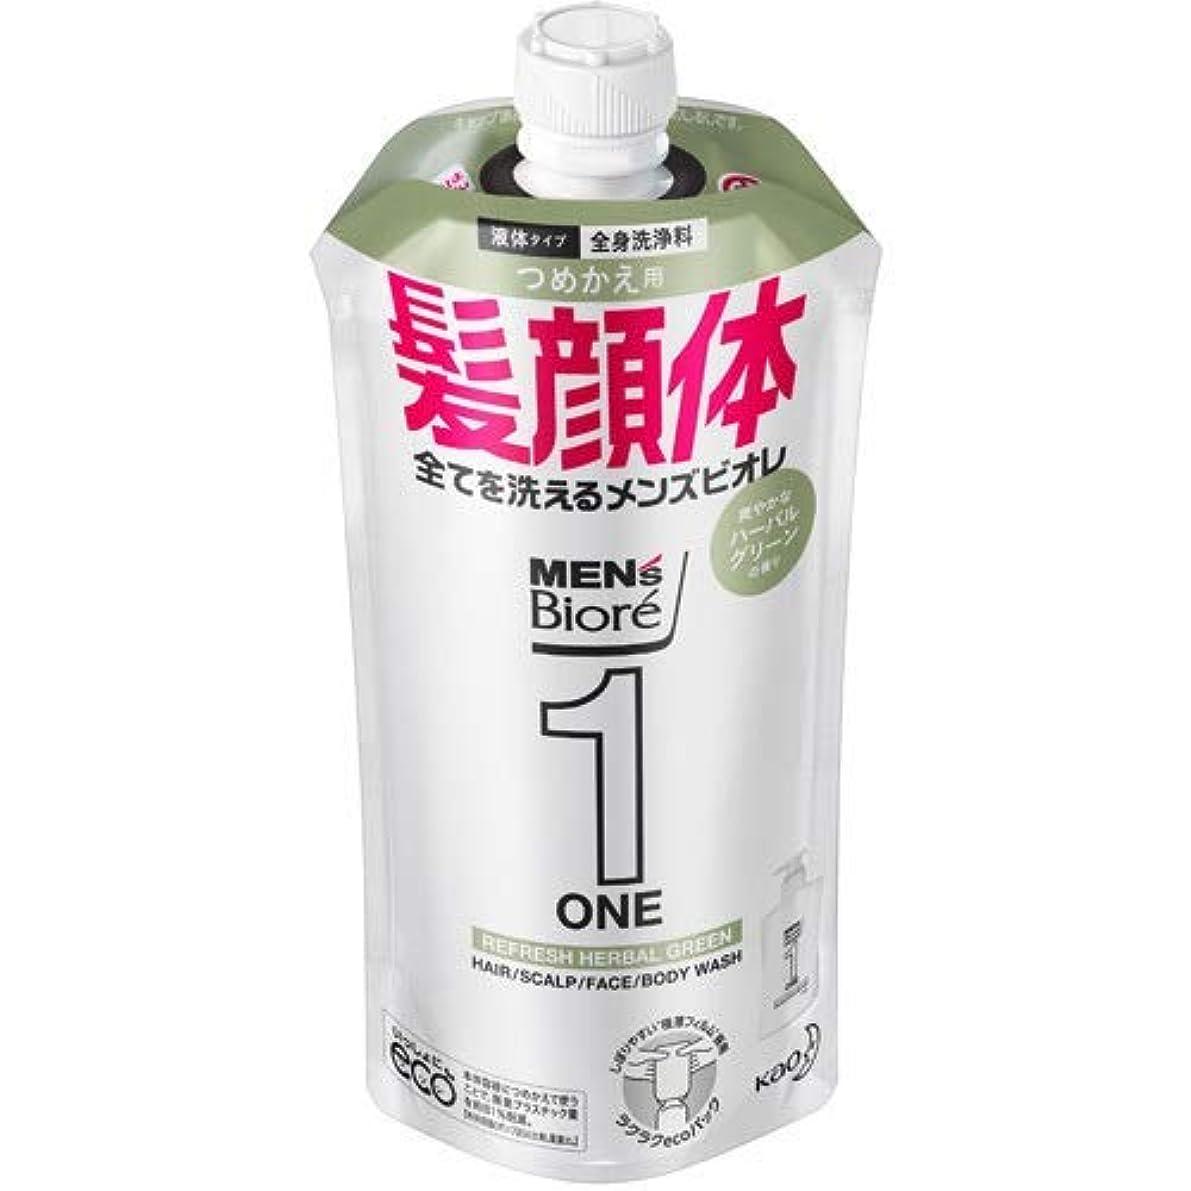 スマートアパル技術【10個セット】メンズビオレONE オールインワン全身洗浄料 爽やかなハーブルグリーンの香り つめかえ用 340mL